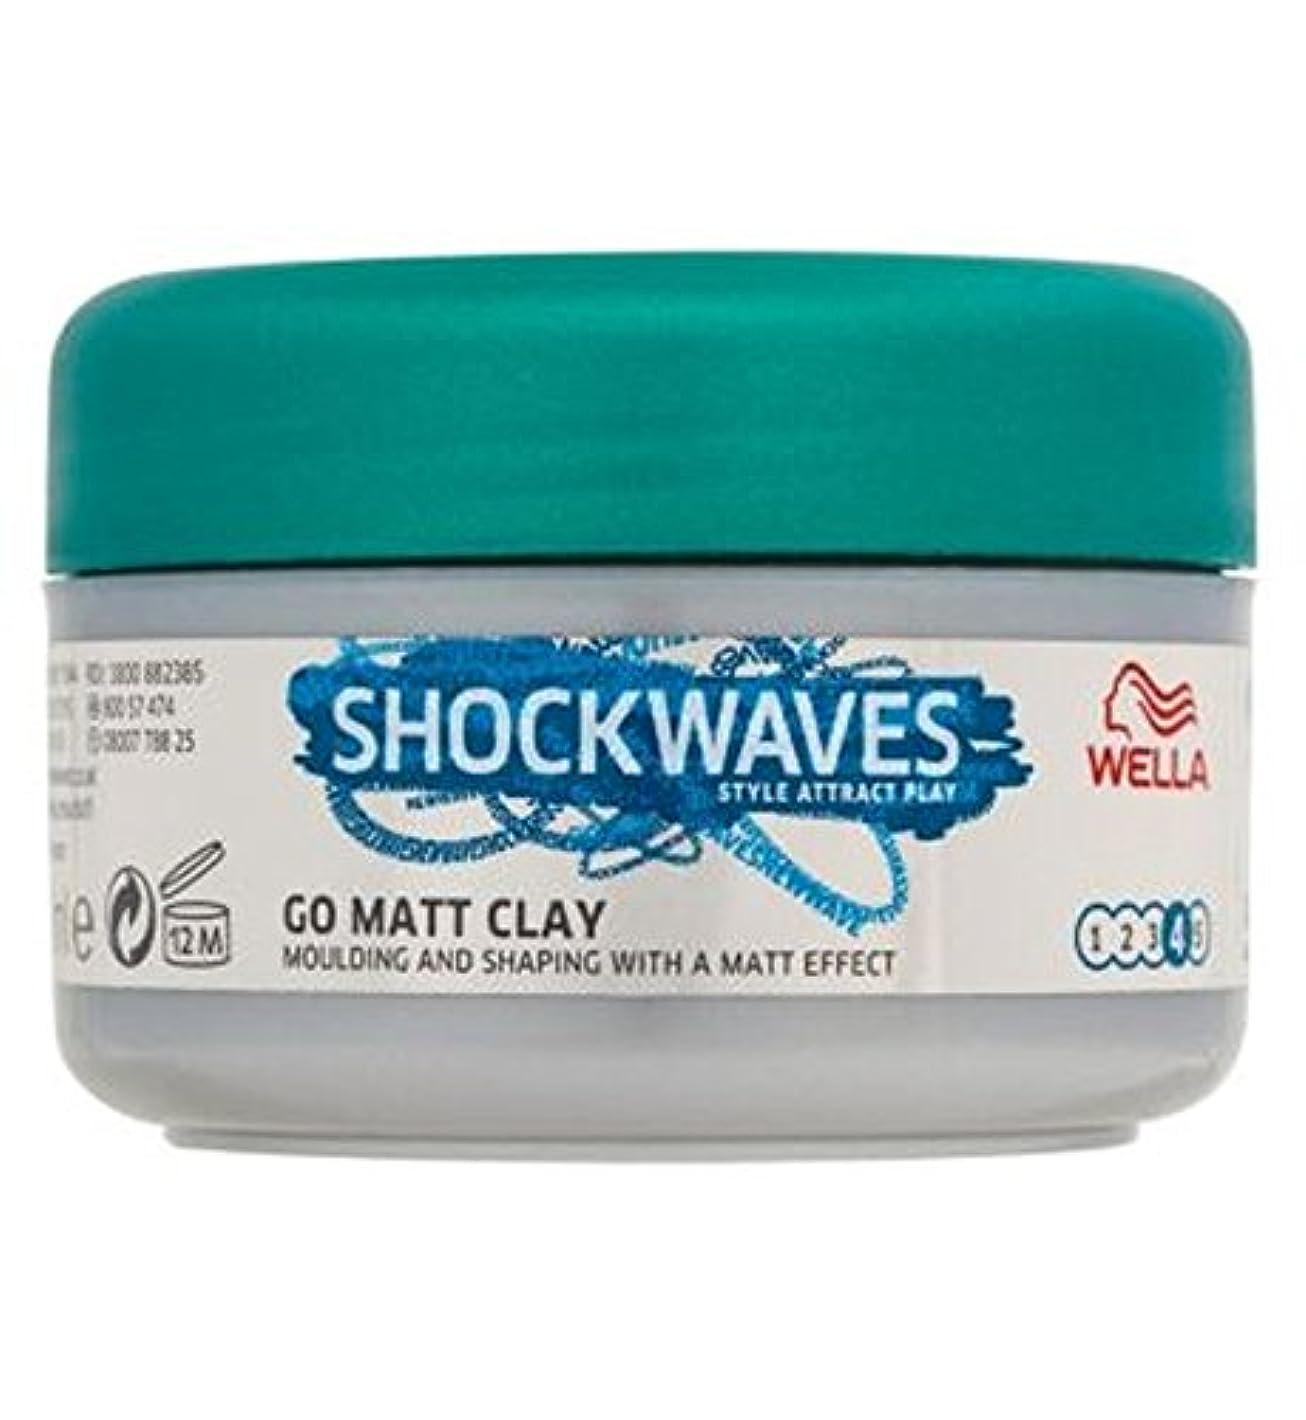 薄めるメナジェリー本当のことを言うとウエラの衝撃波の外向性はマット粘土75ミリリットルを行きます (Wella Shockwaves) (x2) - Wella Shockwaves Extrovert Go Matt Clay 75ml (Pack of...